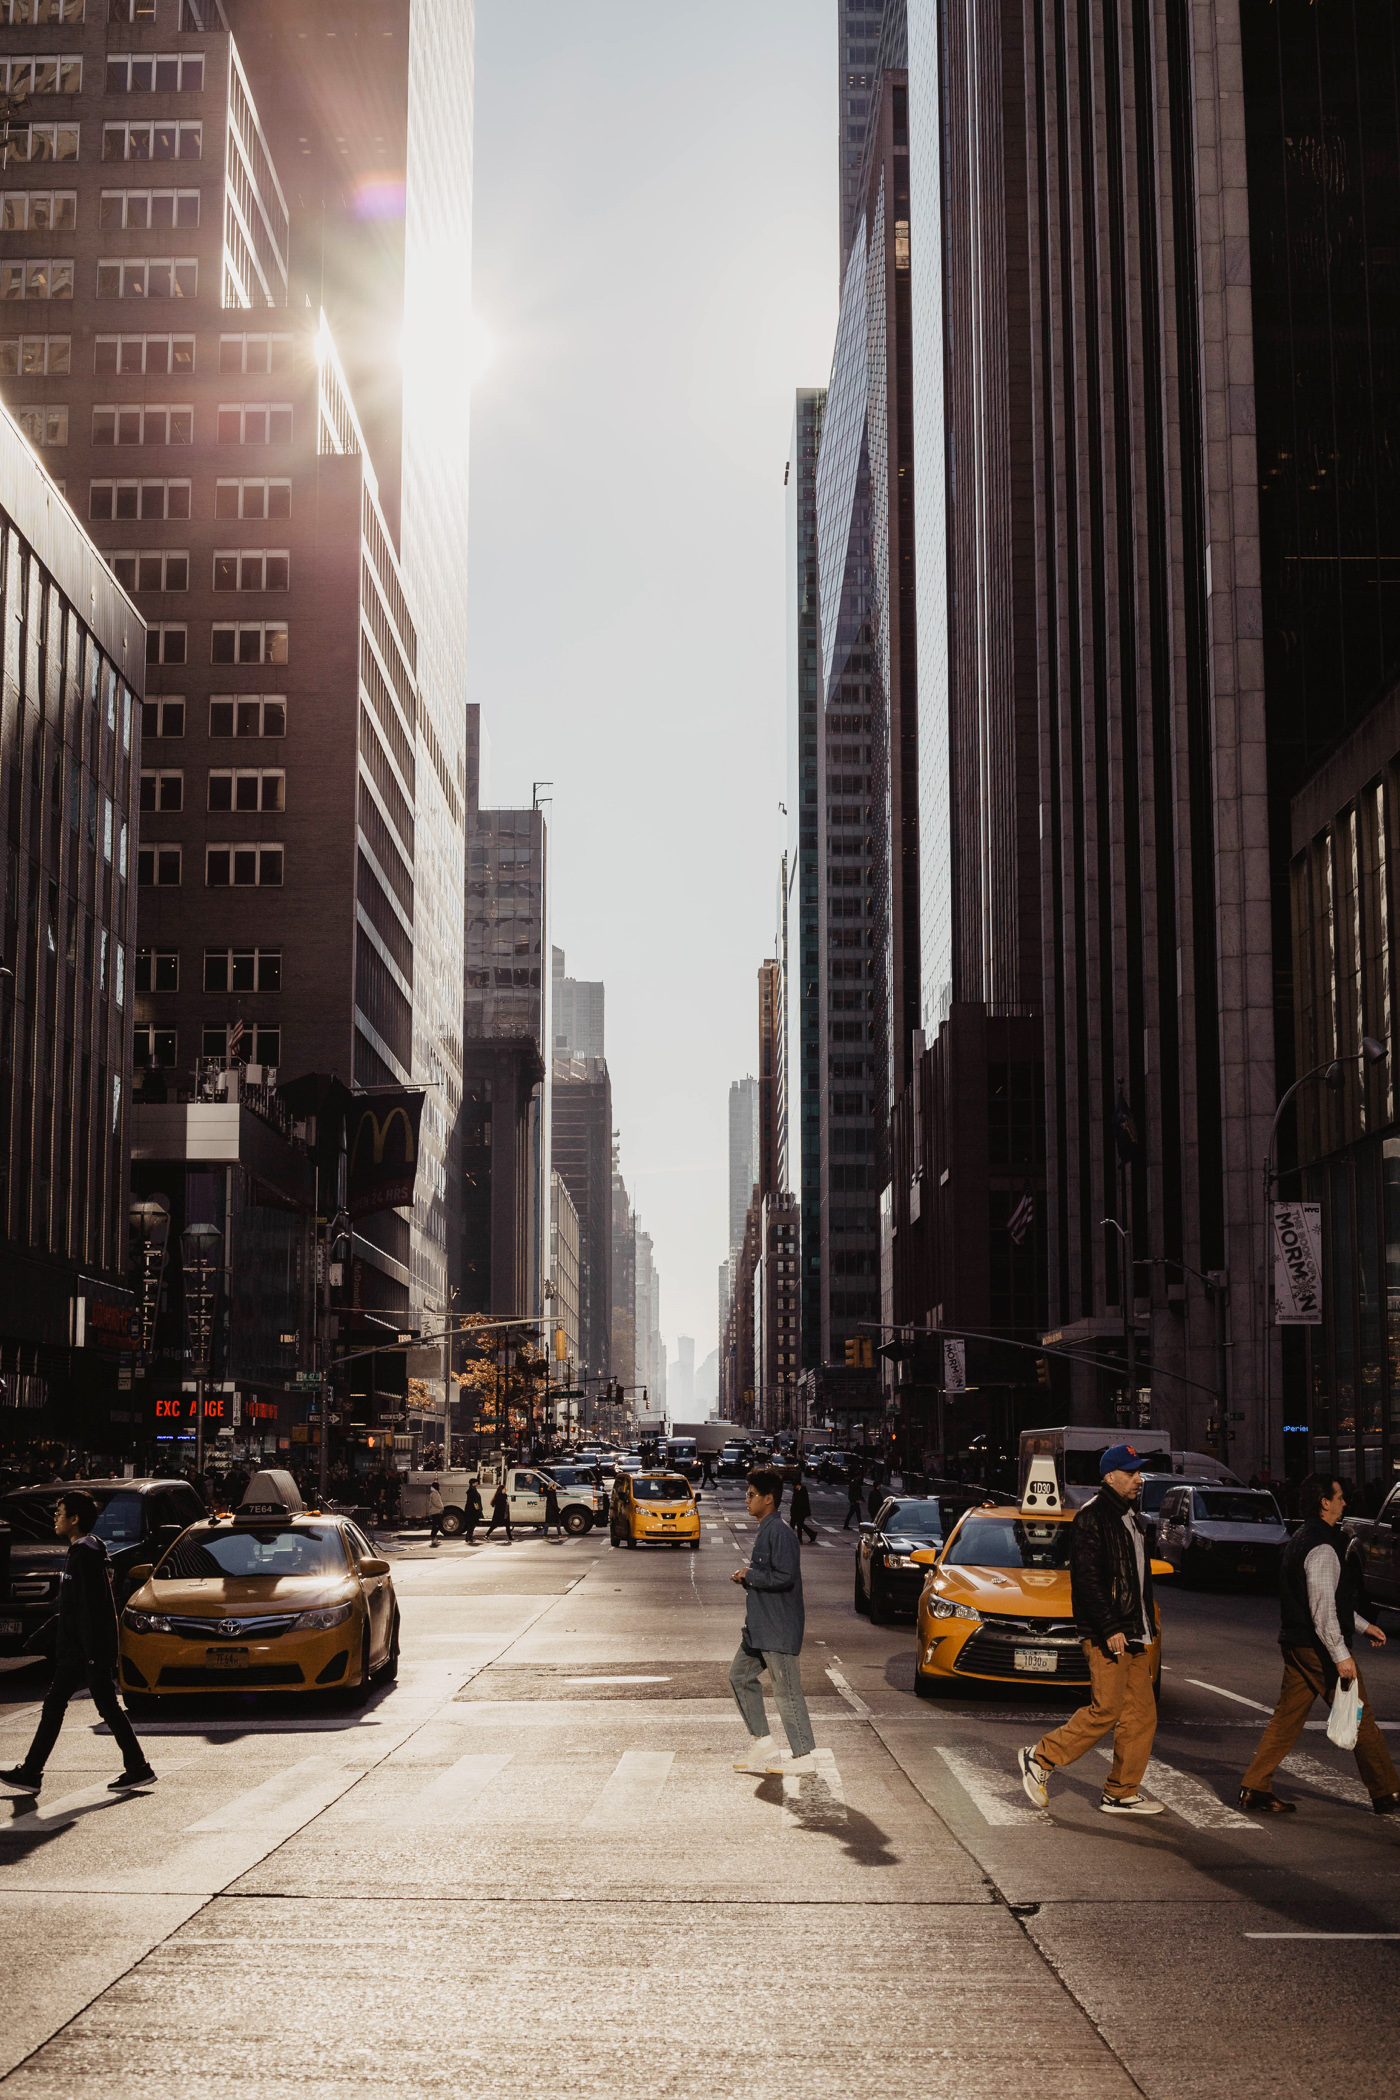 new york manhattan poster street upper east side